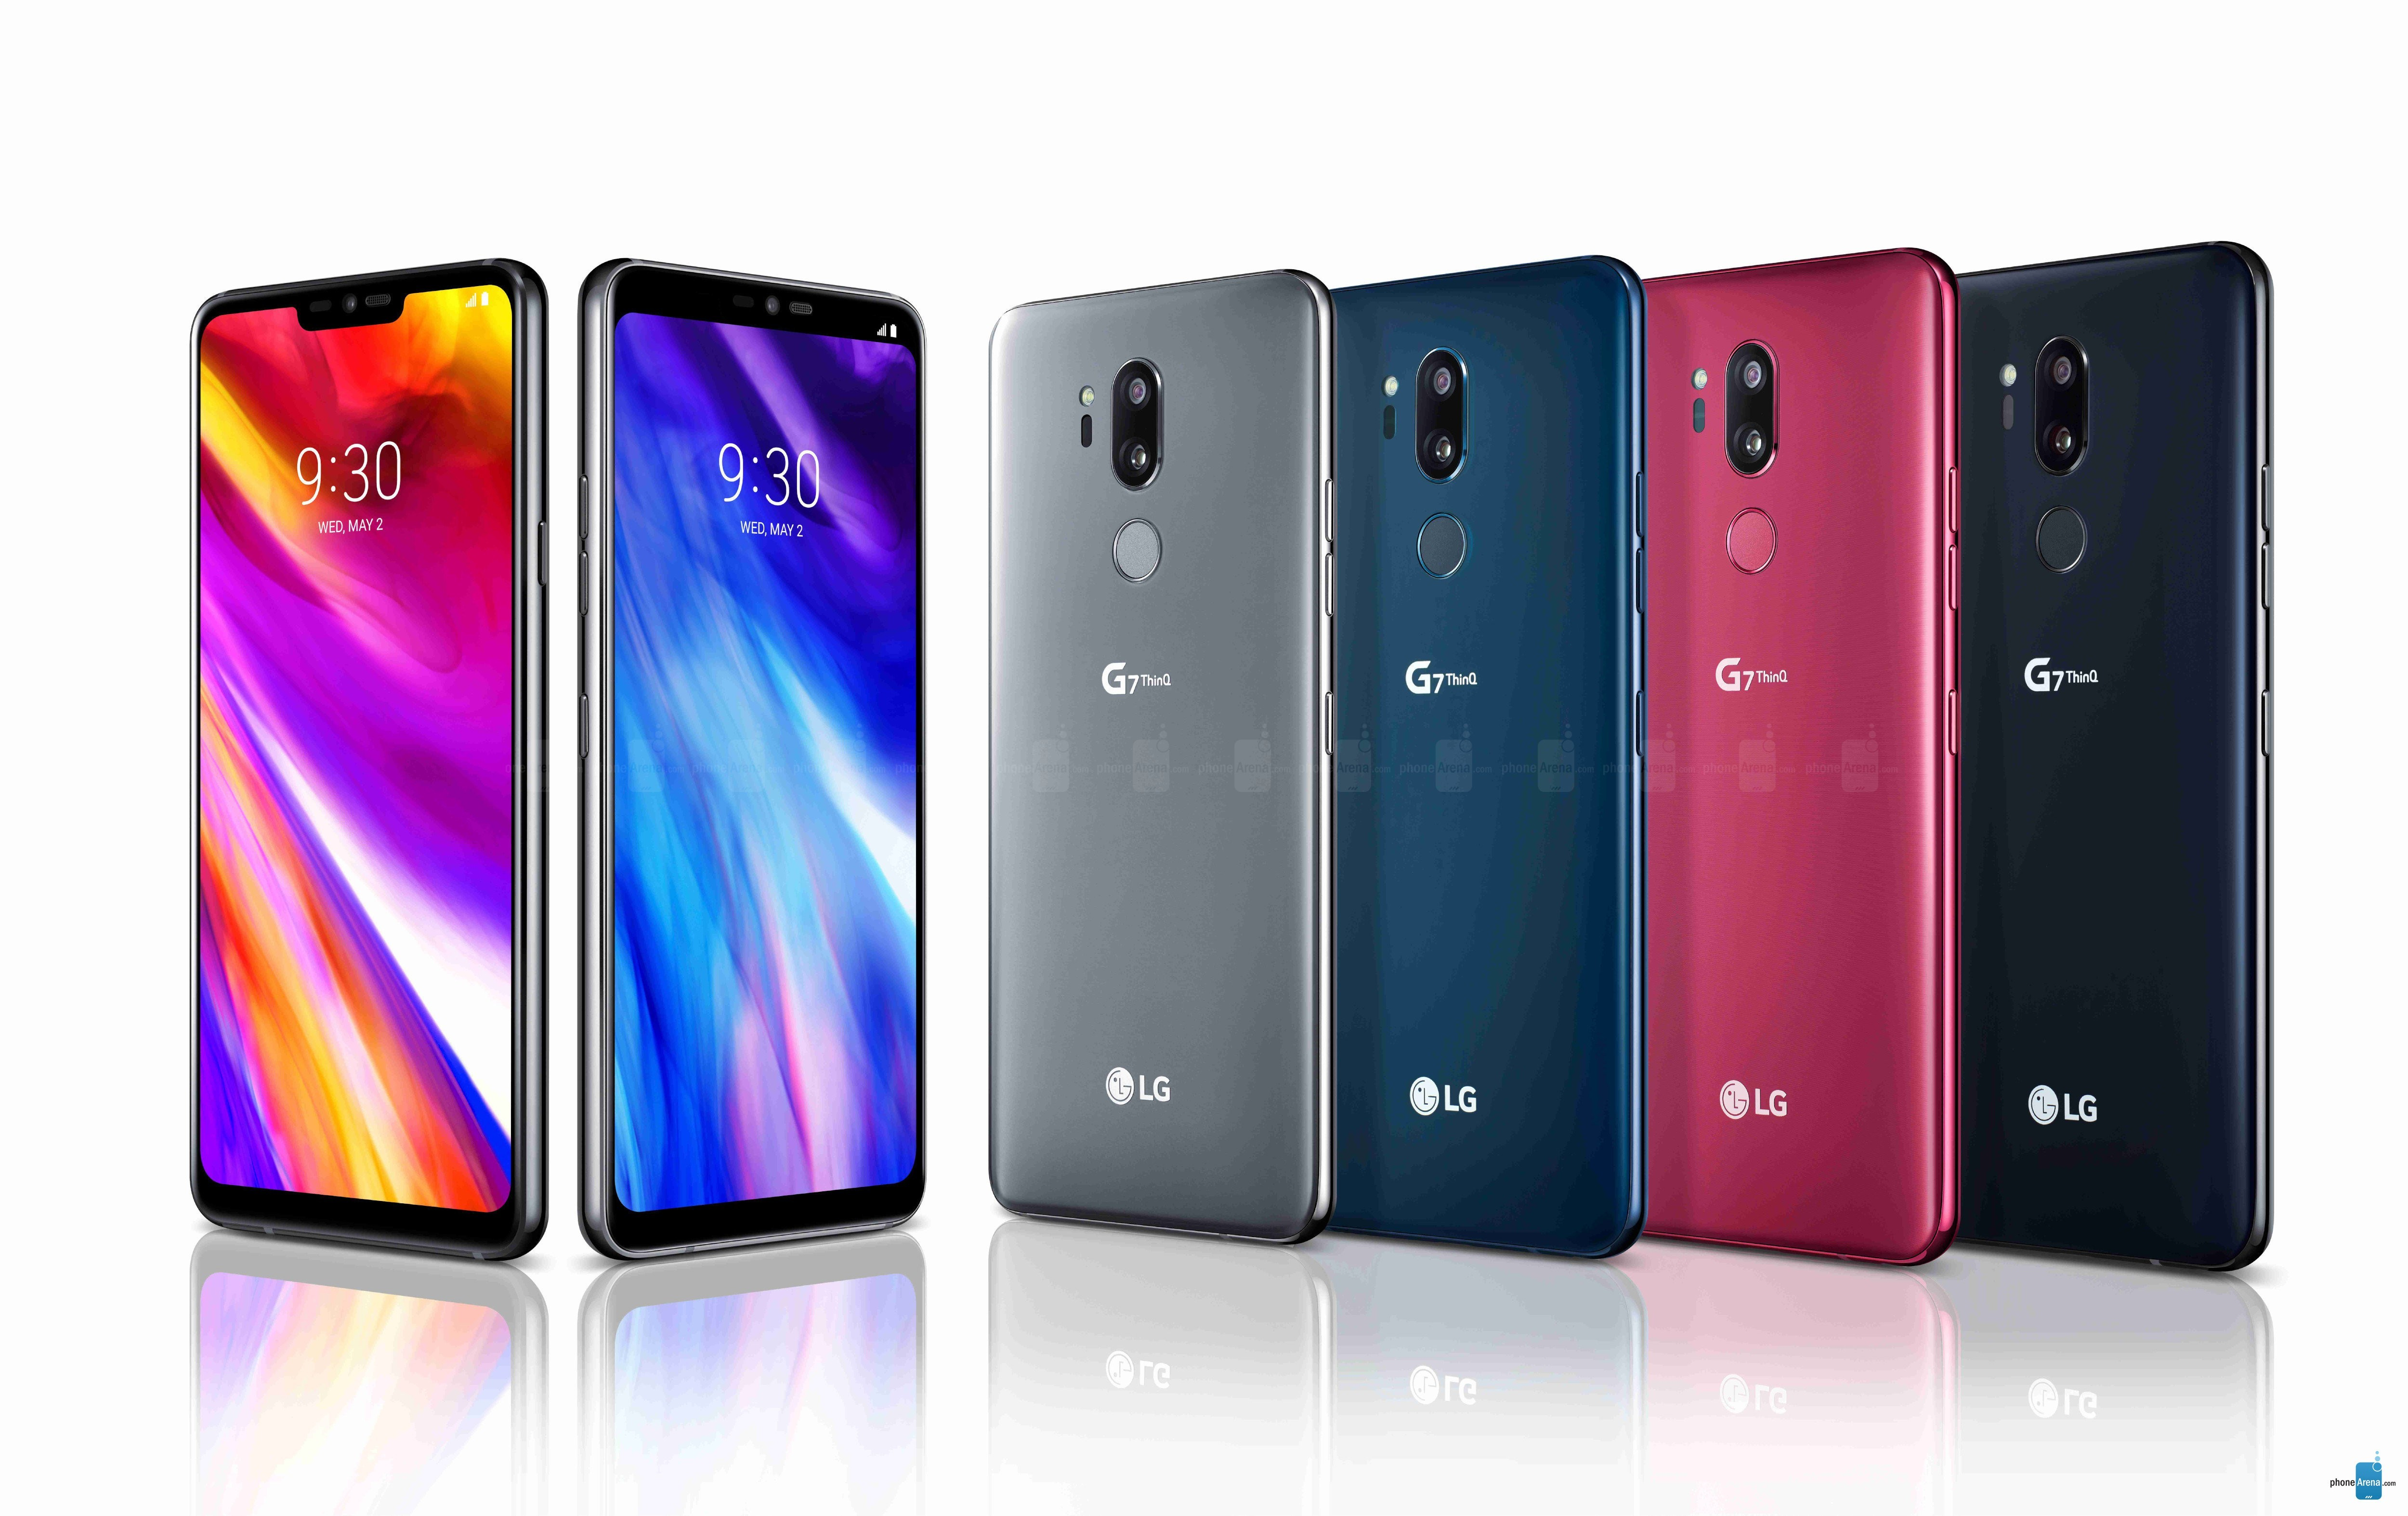 LG G7 ThinQ công bố giá bán chính thức tại Hàn Quốc